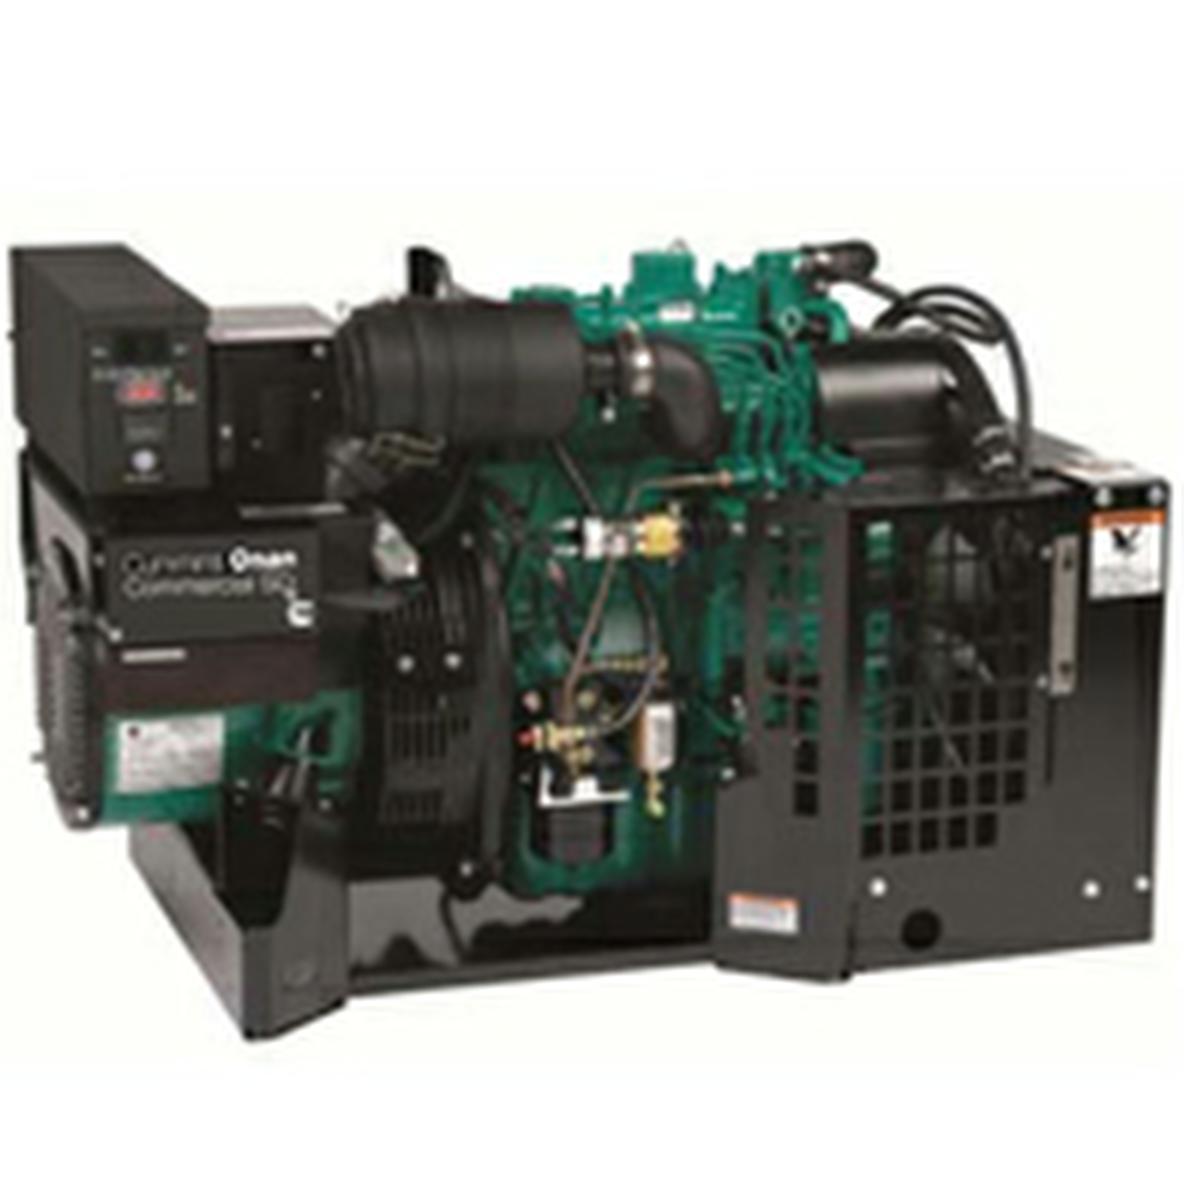 Cummins Onan Commercial Series SD7500 7 5kW Diesel Mobile Generator